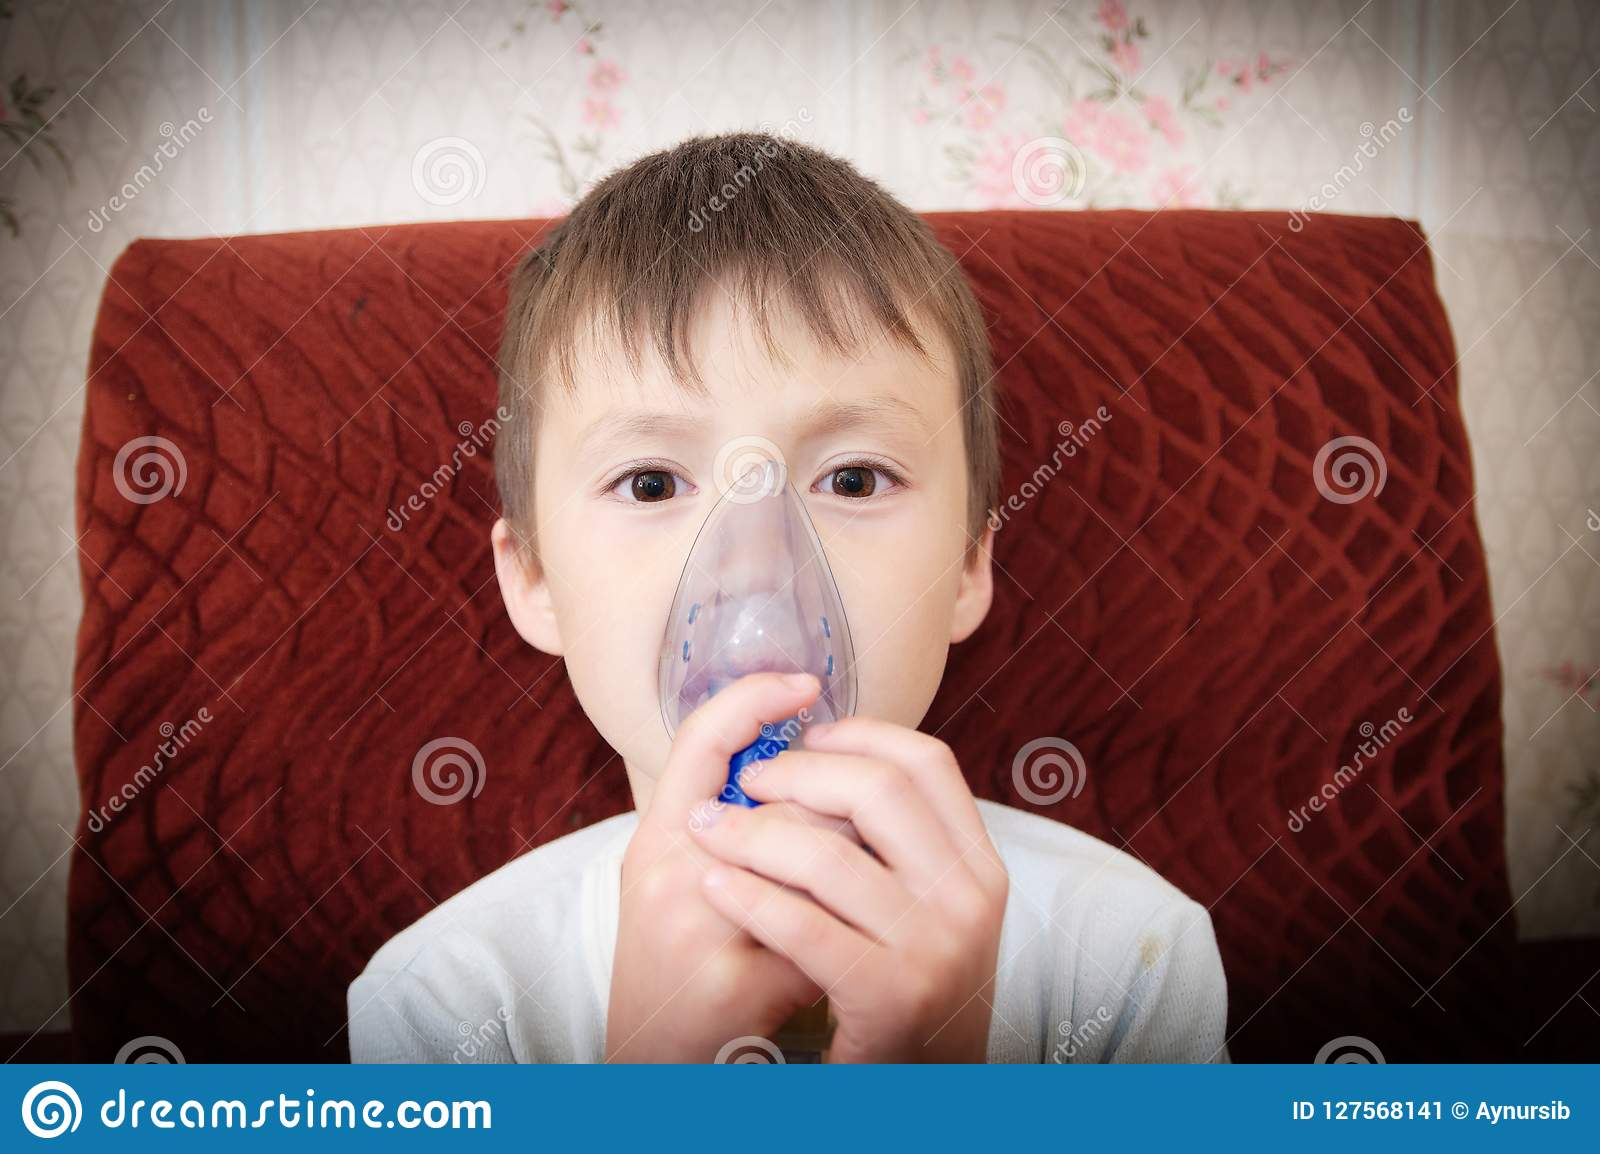 Chora chłopiec w nebulizer maskowej robi inhalaci, oddechowej procedurze zapaleniem płuc lub kasłaniu dla dziecka, inhalator